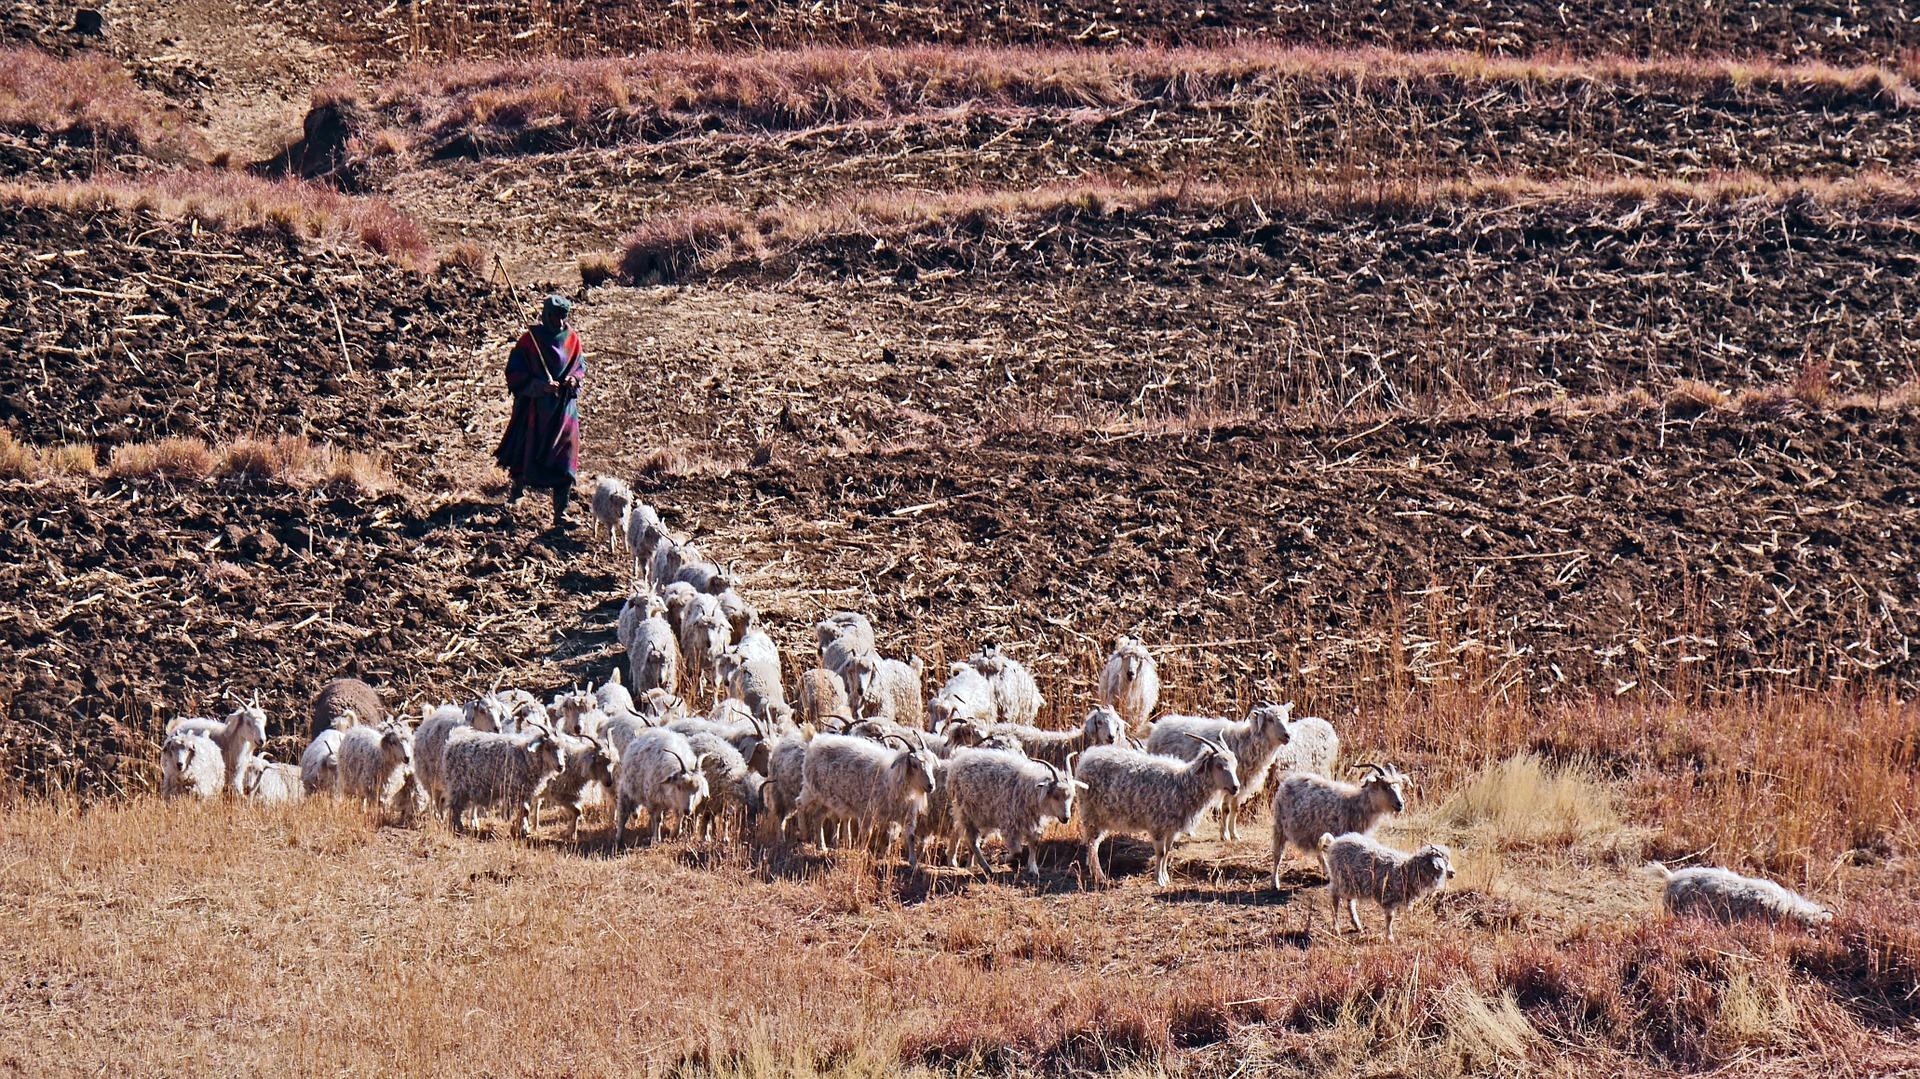 Até as cabras do Lesotho sabem que o país exige visto de brasileiros. Já eu...